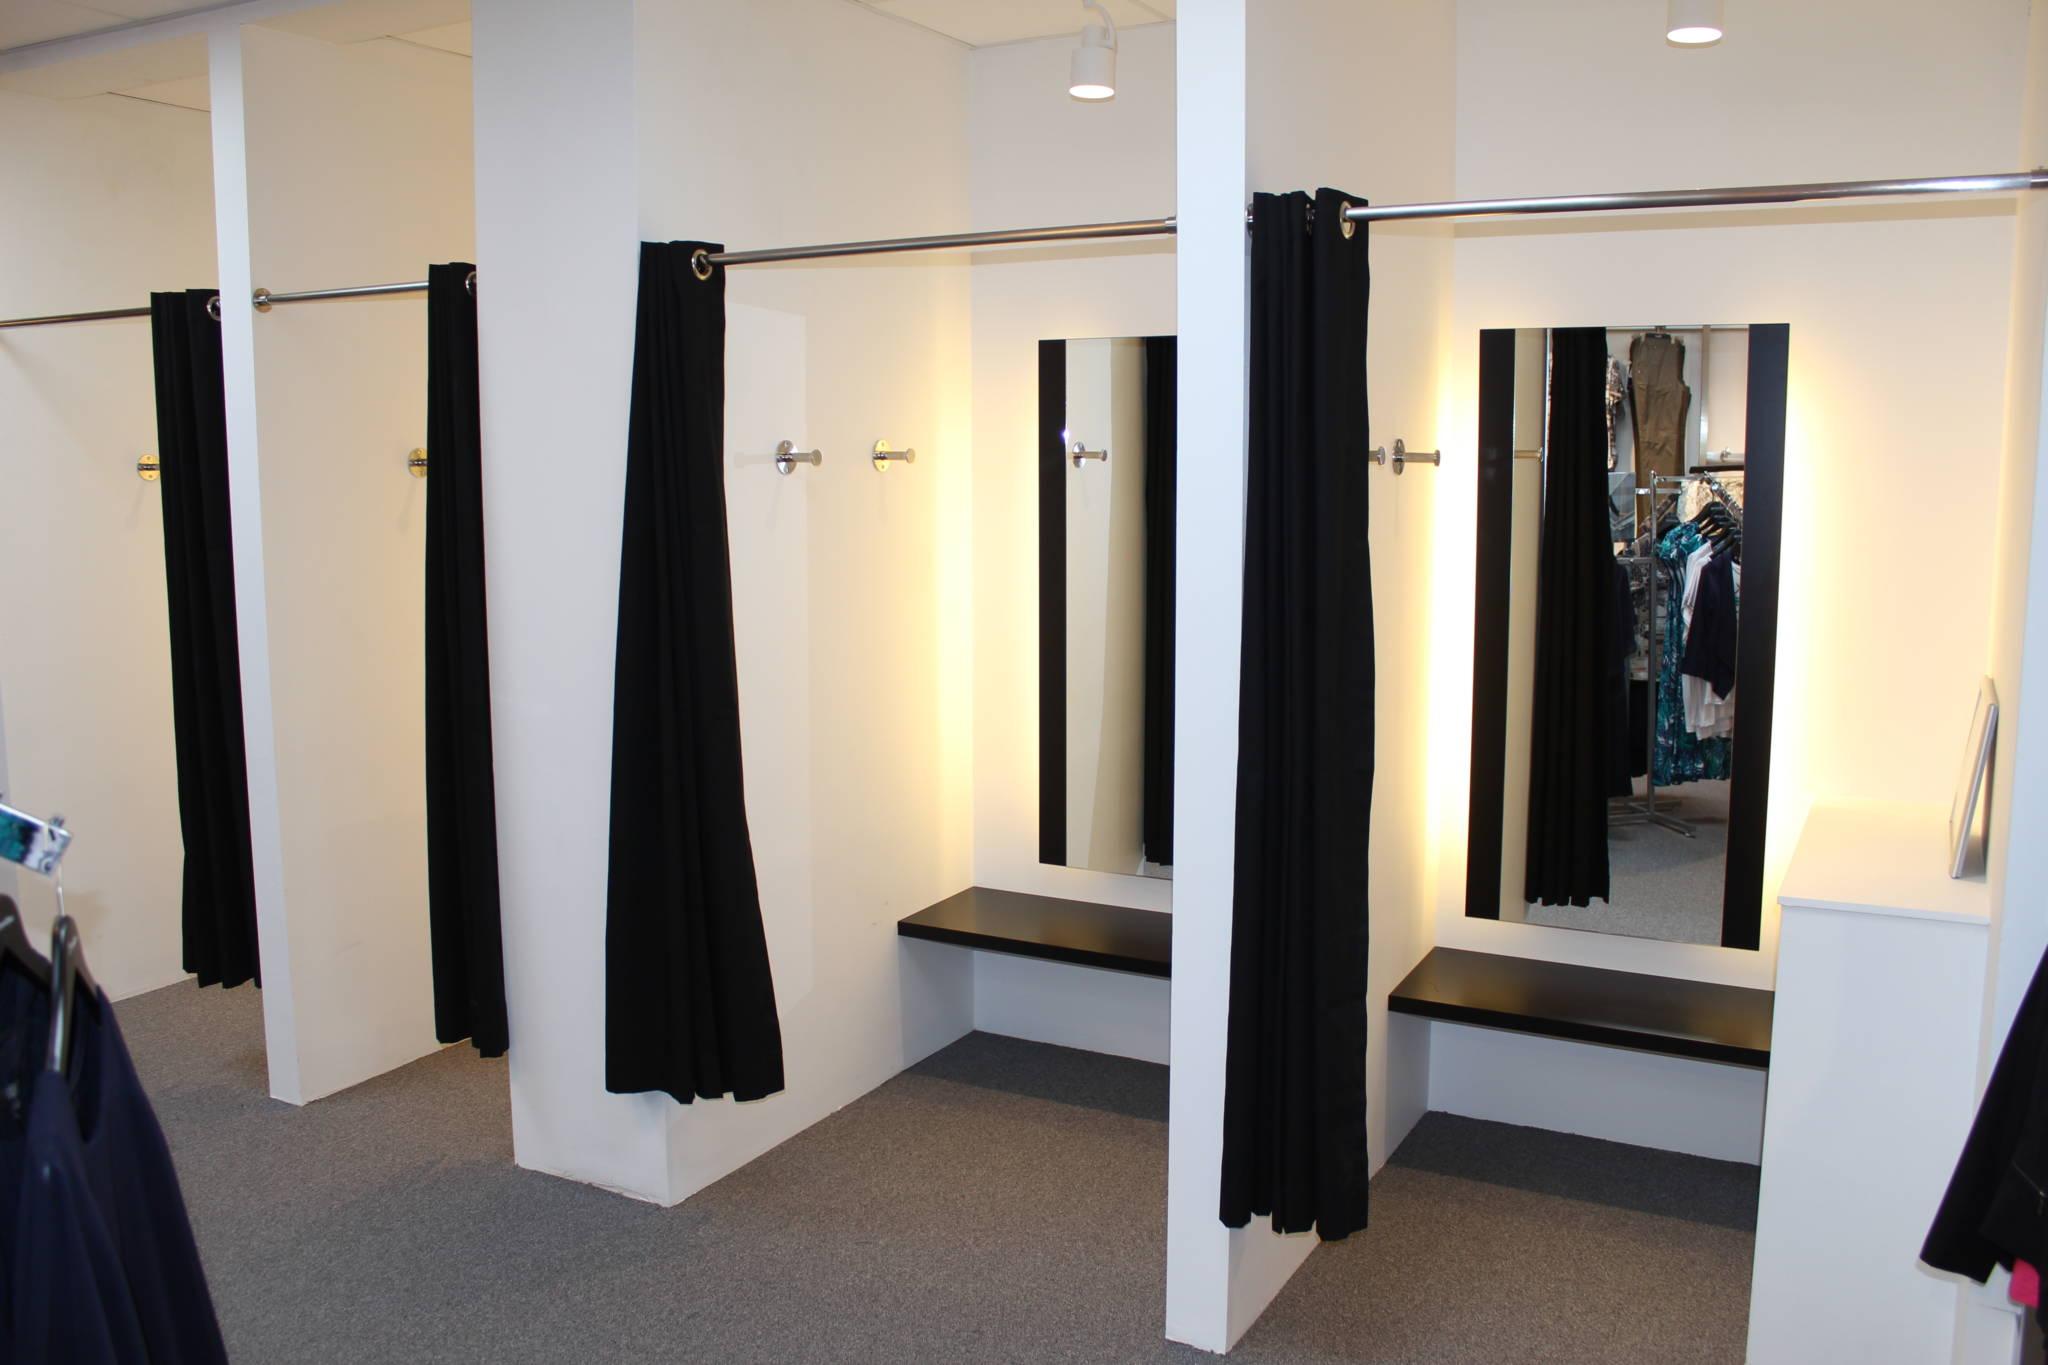 Store rummelige prøverum med fastmonterede bænke og lys bag spejlene.